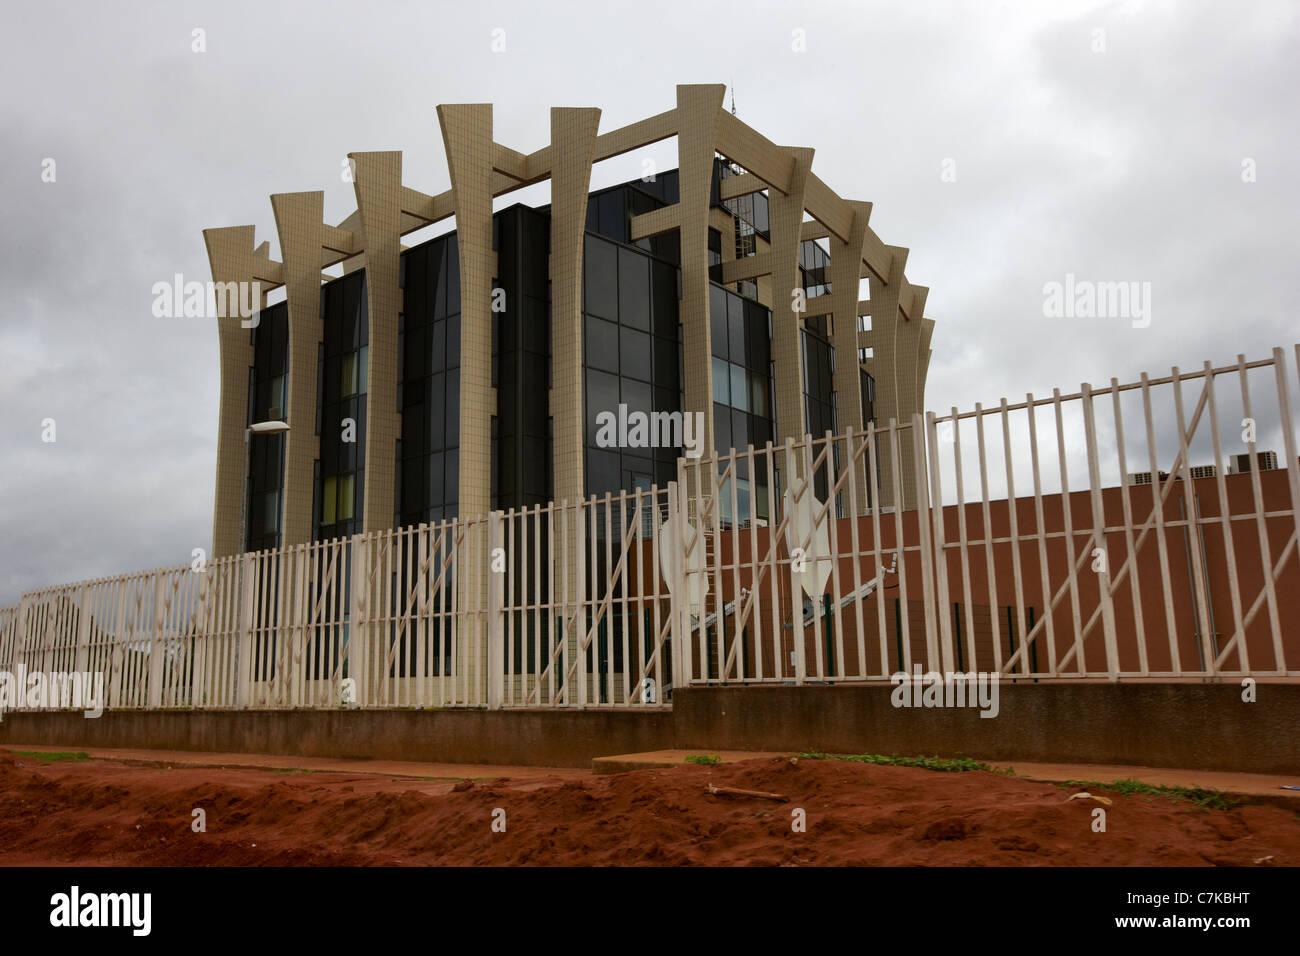 Central African States Bank (Banque des Etats de l'Afrique Centrale), Ouesso, Republic of Congo, Africa - Stock Image